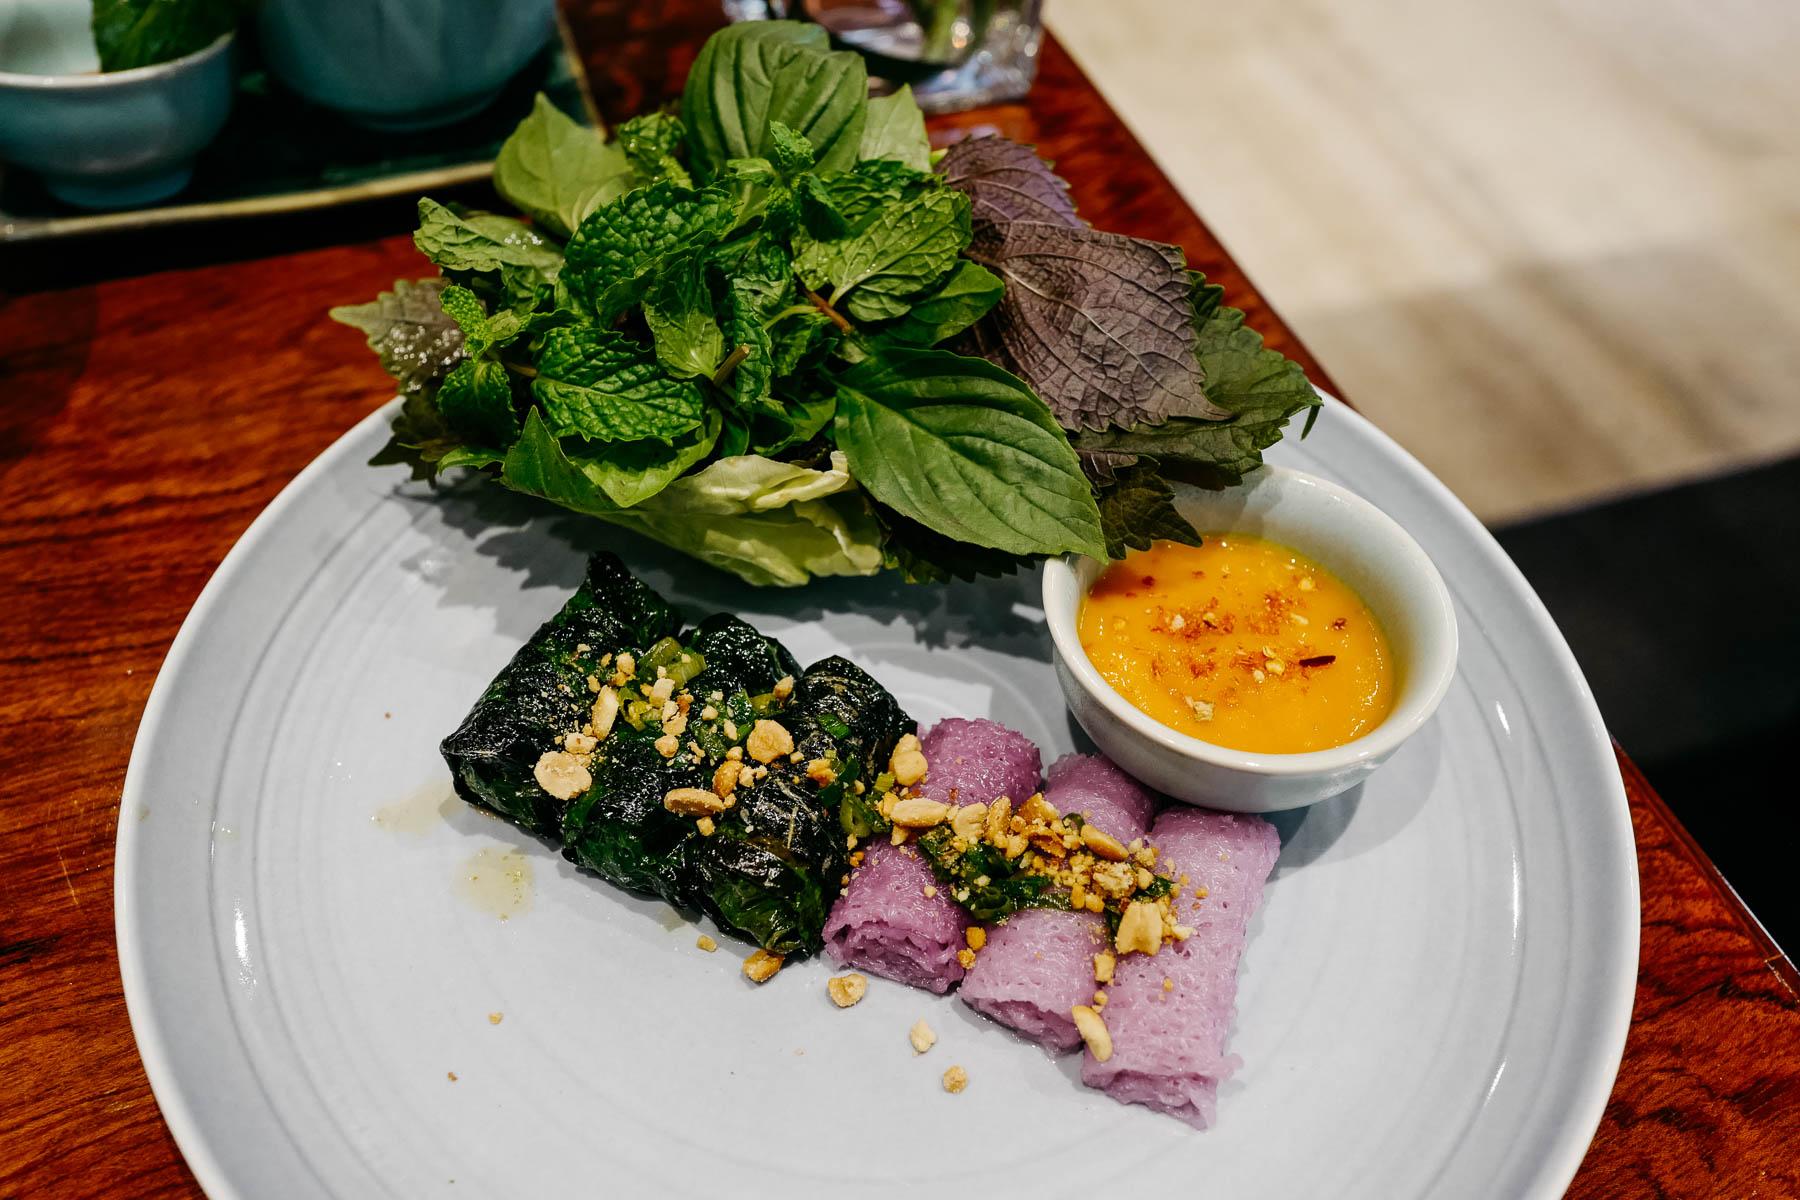 wołowina w liściach pieprzowca (bò Wagyu nướng lá lốt)